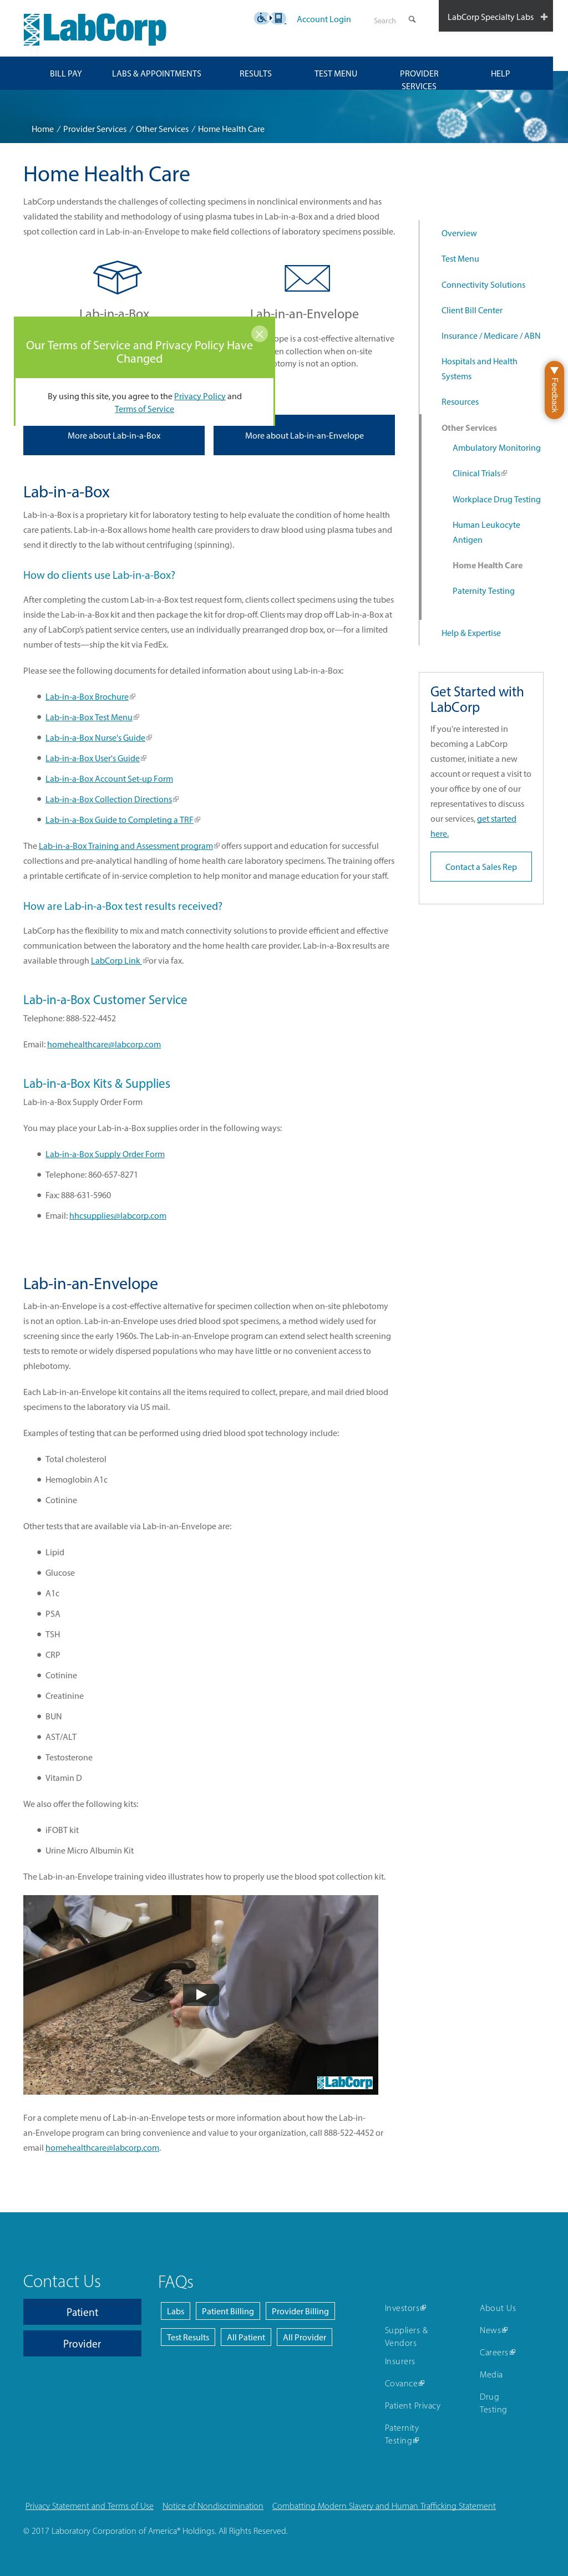 Home Heallthcare Laboratory Competitors, Revenue and